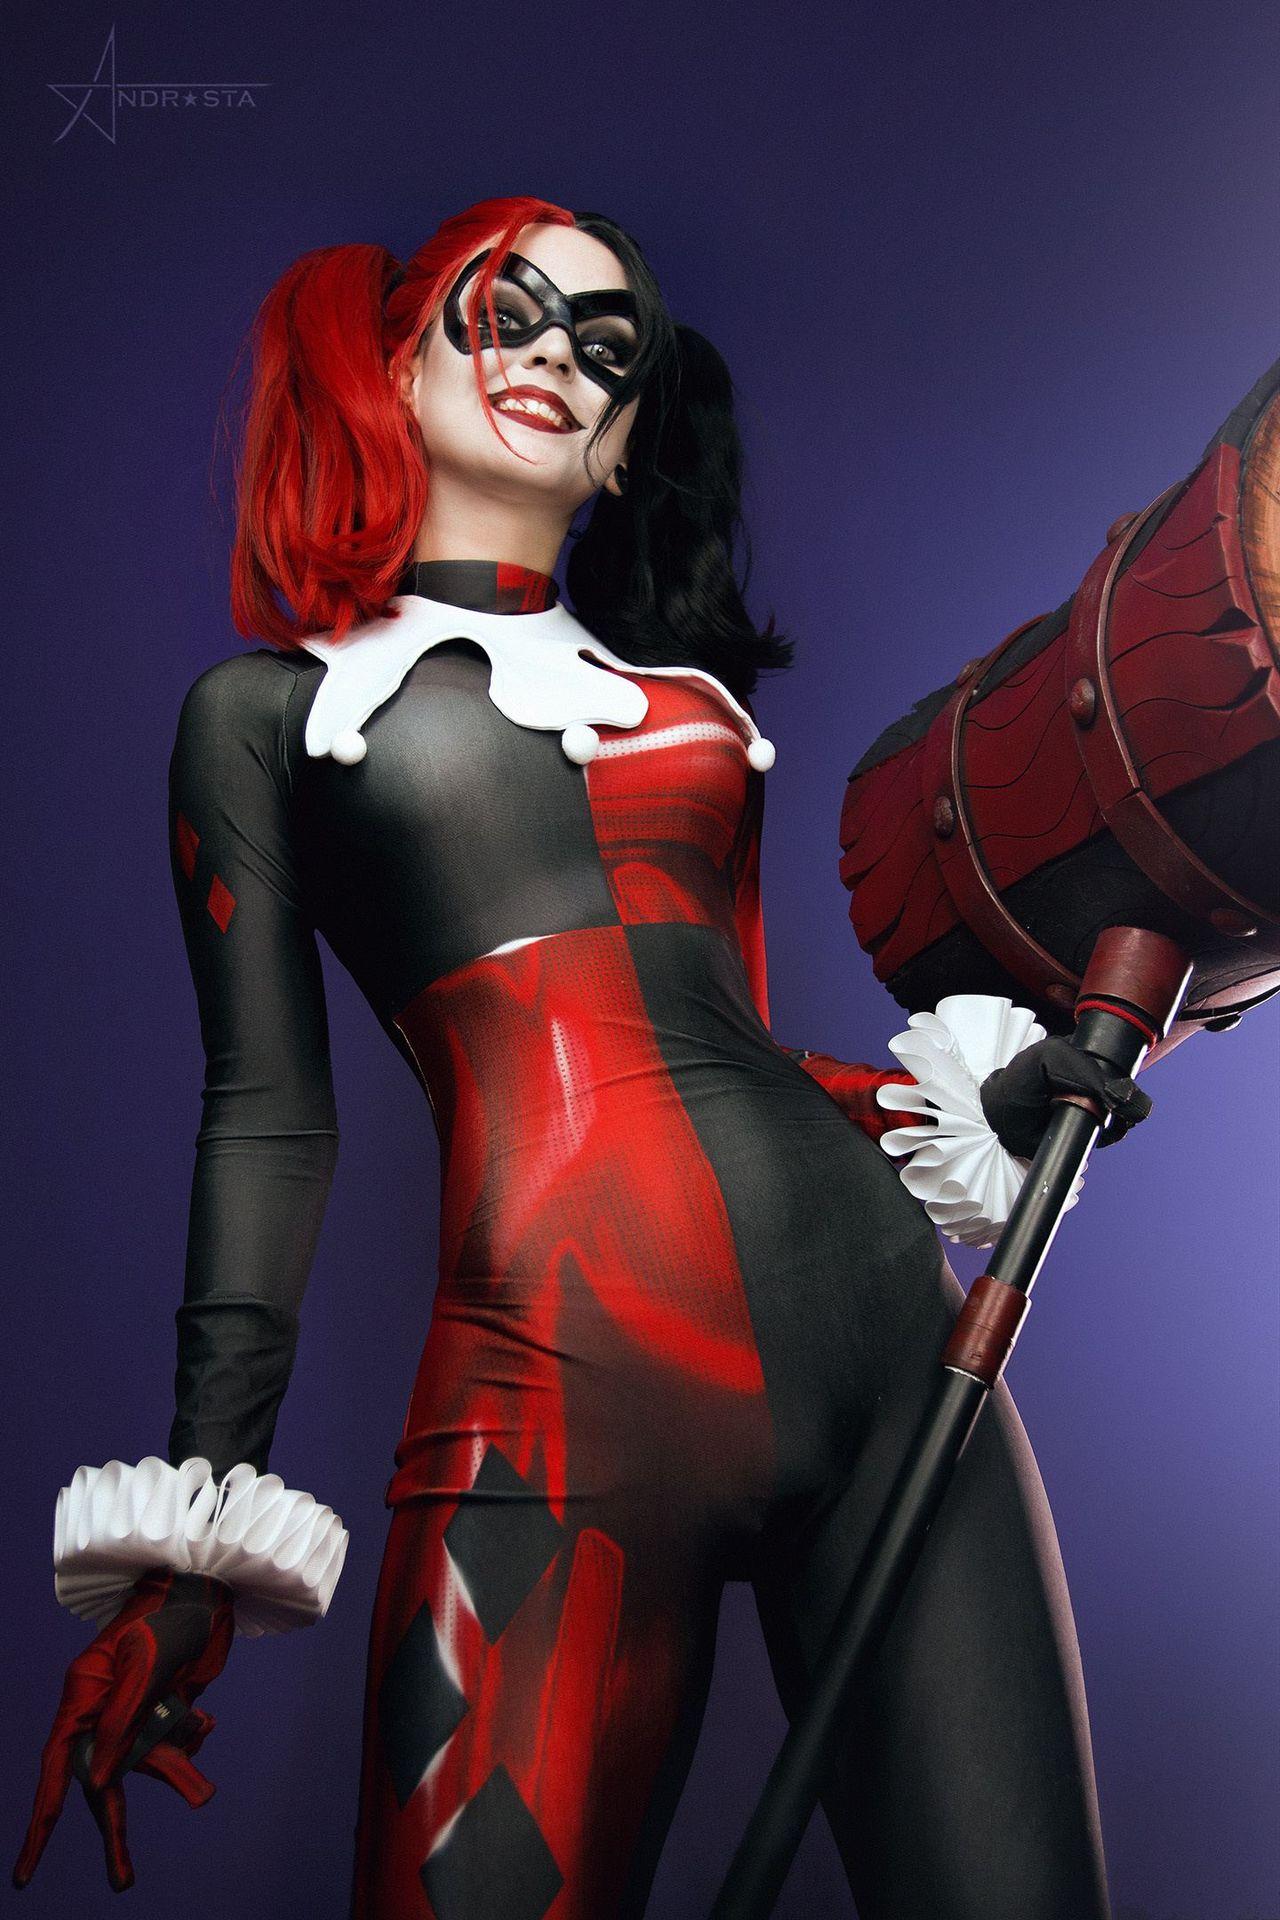 Andrasta Harley Quinn Arkham Cosplay